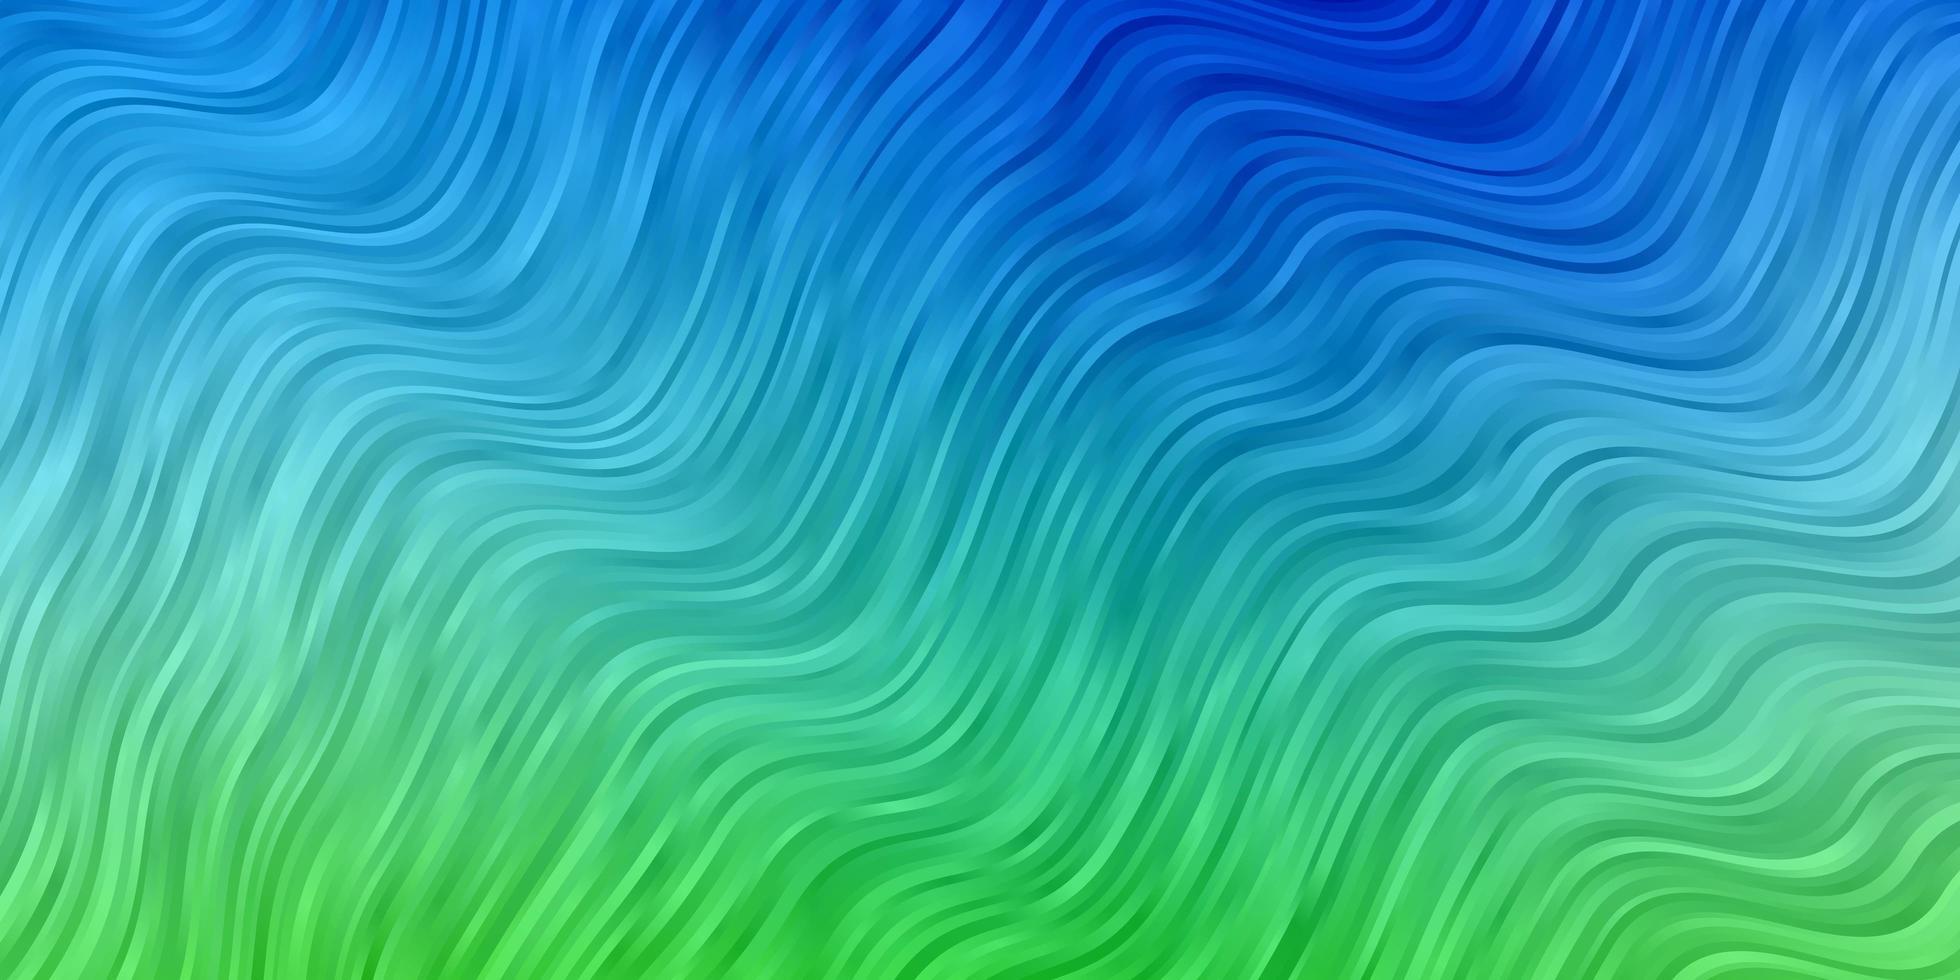 motivo blu e verde con linee curve. vettore